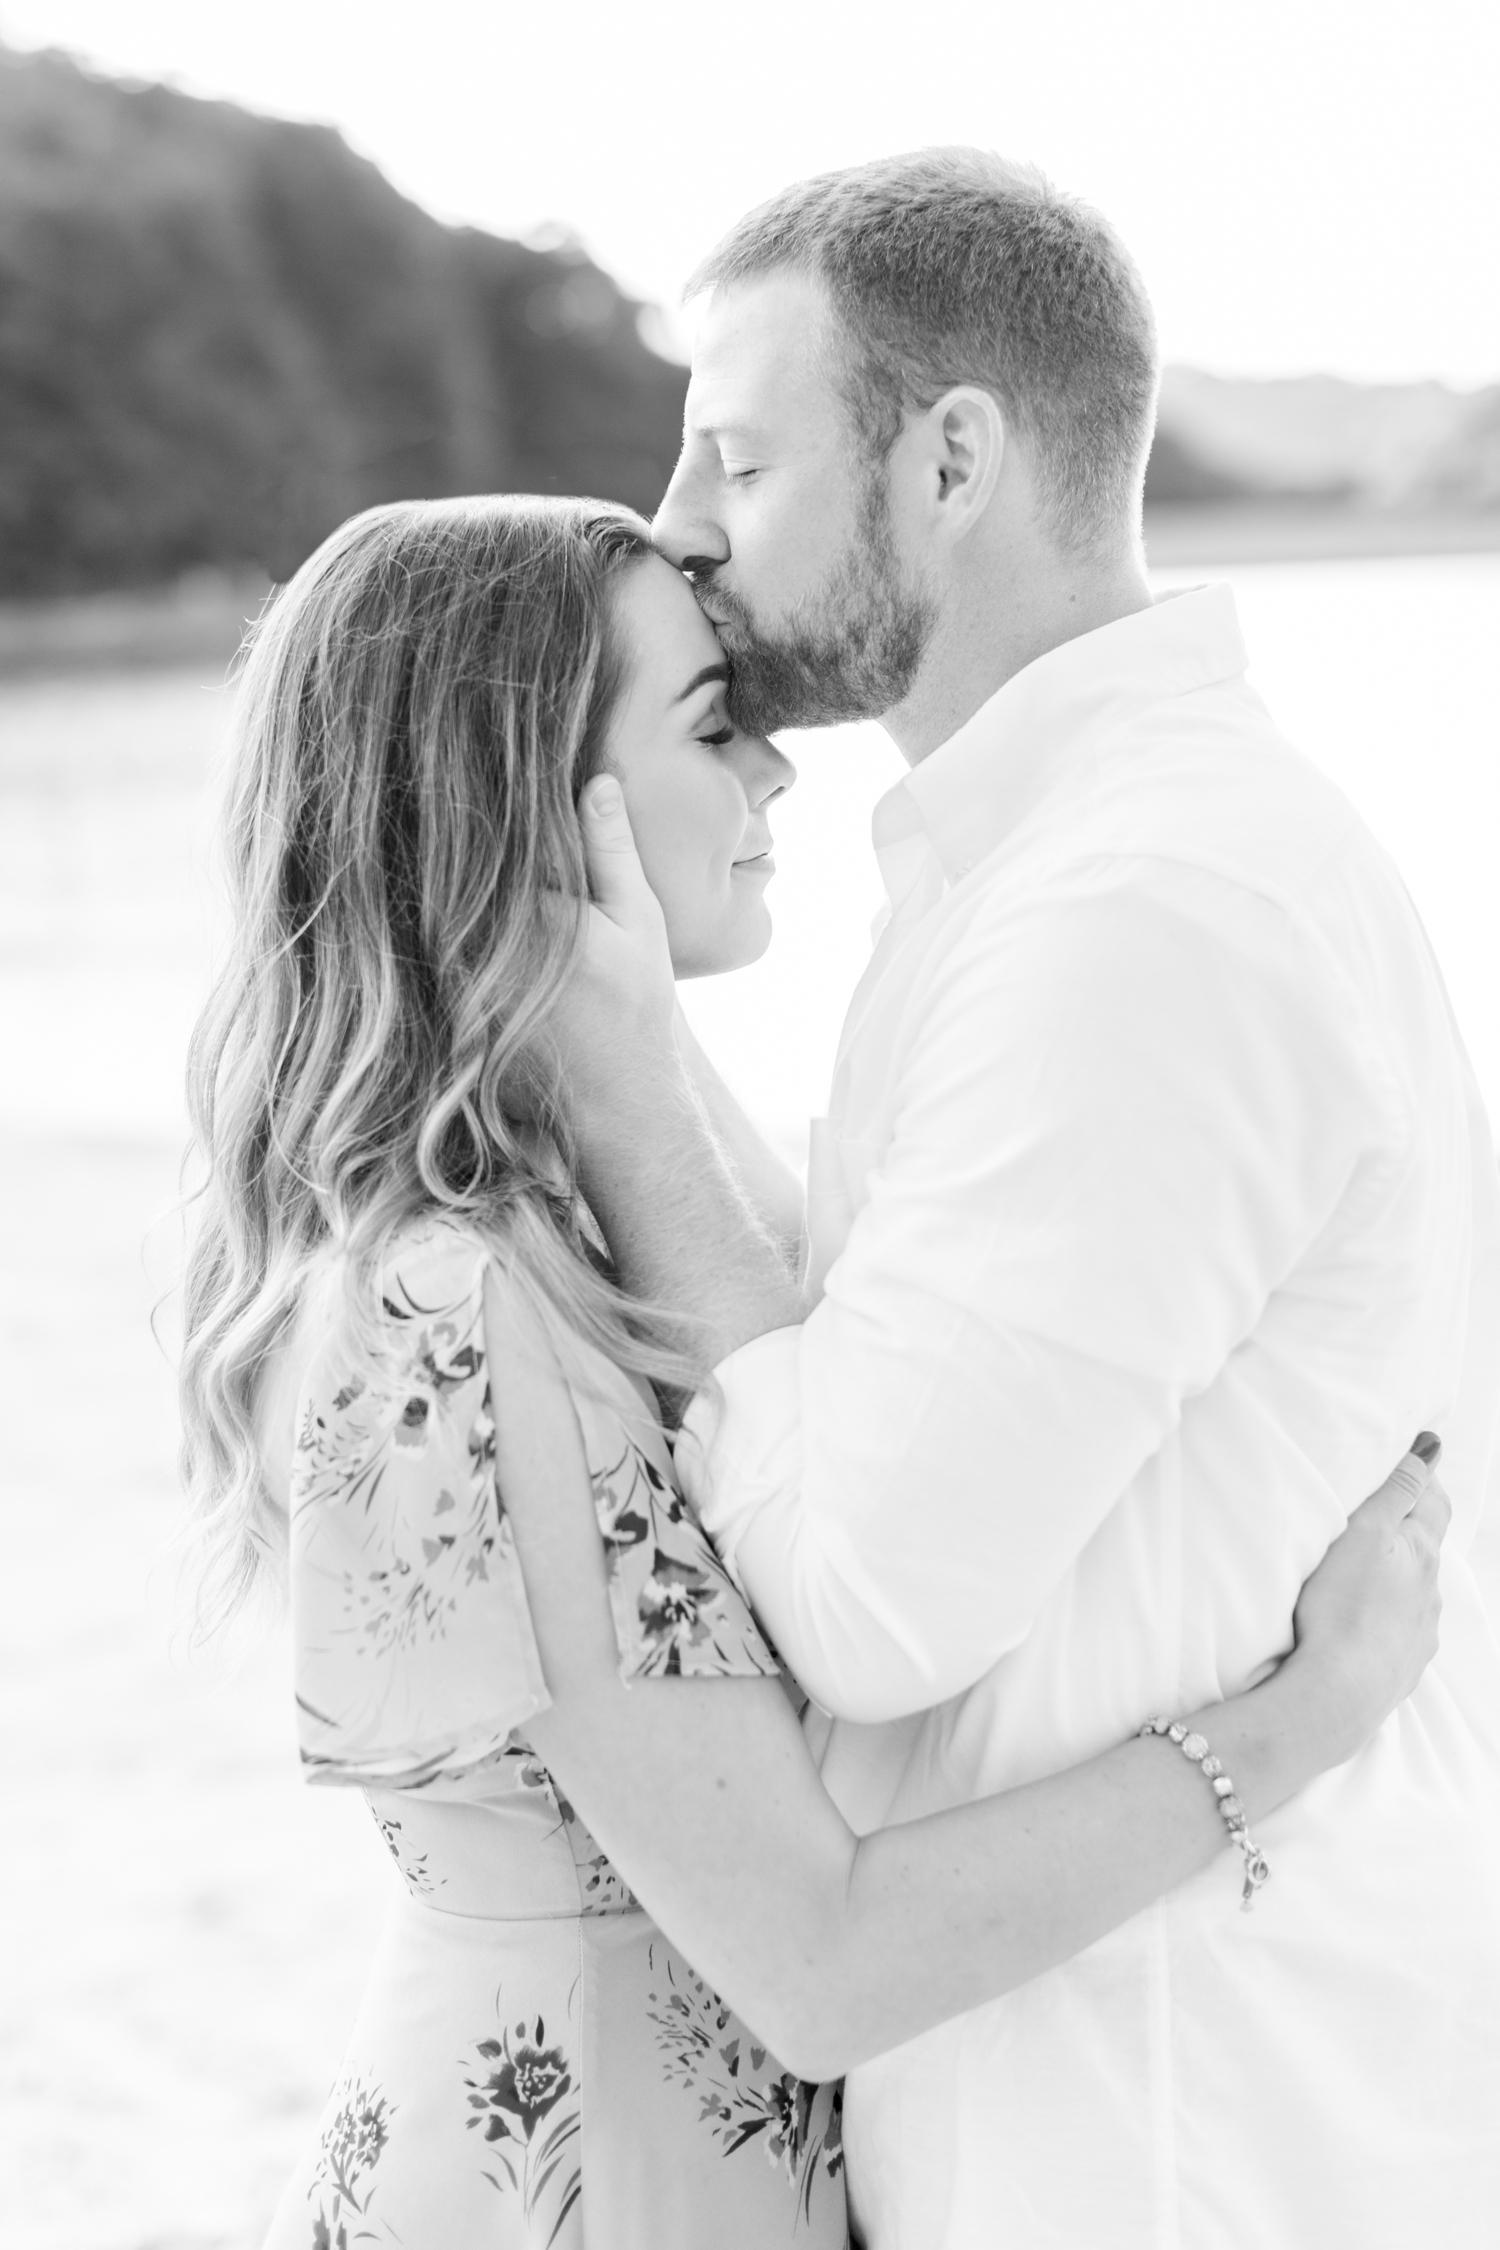 state of maryland dating love gode åbningslinjer online dating profil